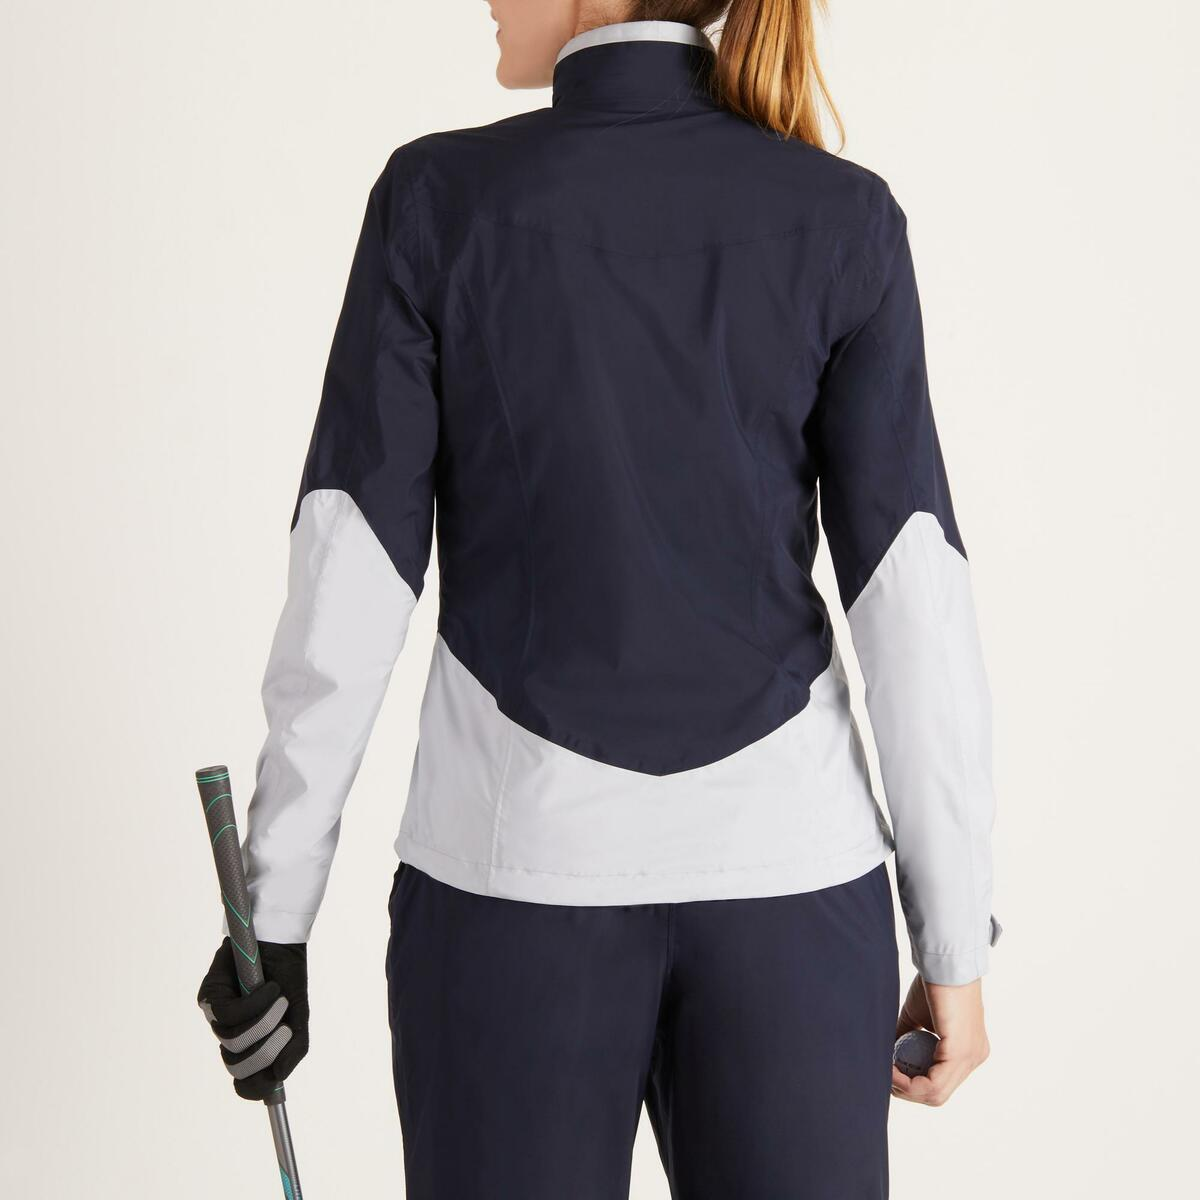 Bild 4 von Golf Regenjacke 900 Damen marineblau/grau wasserdicht